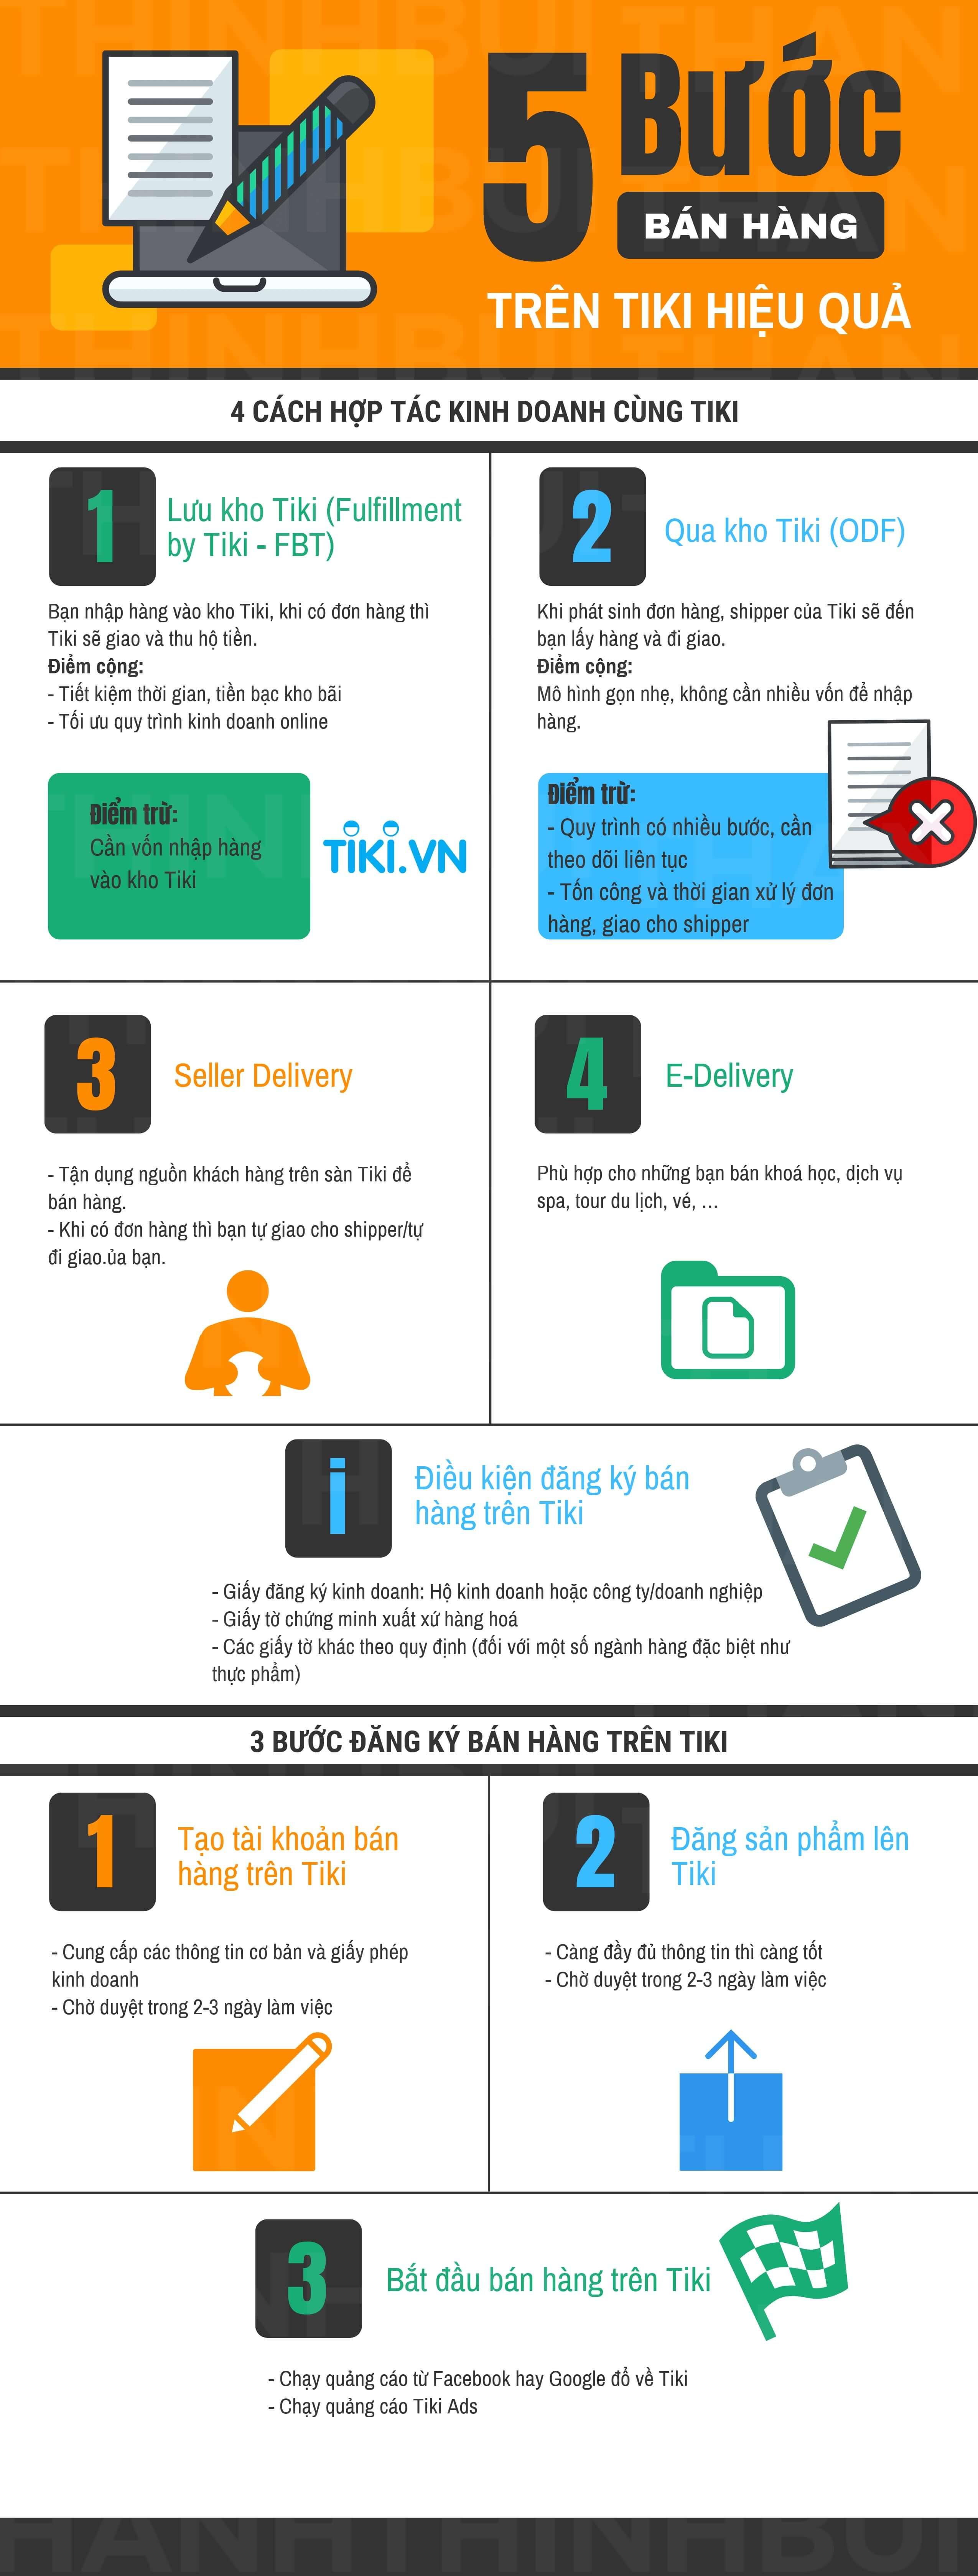 Hướng dẫn bán hàng trên Tiki chi tiết từ A-Z